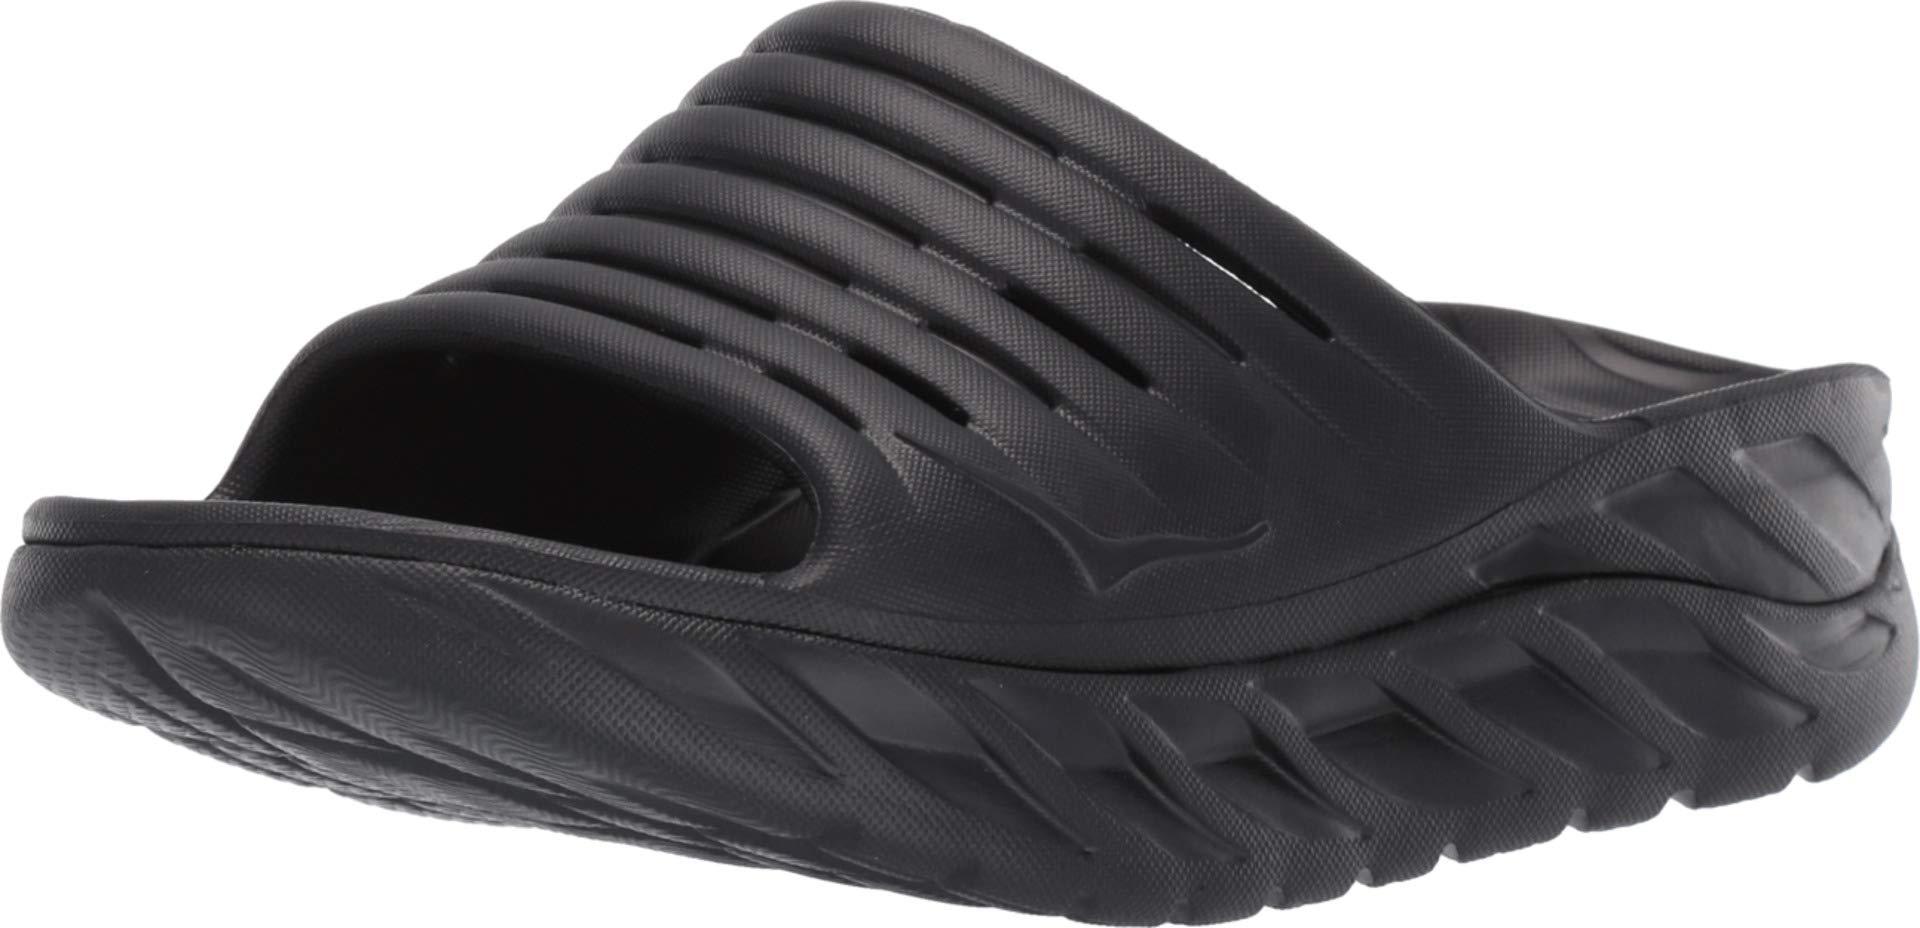 HOKA ONE ONE Womens ORA Recovery Slide 2 Black/Black Sandal - 8 by HOKA ONE ONE